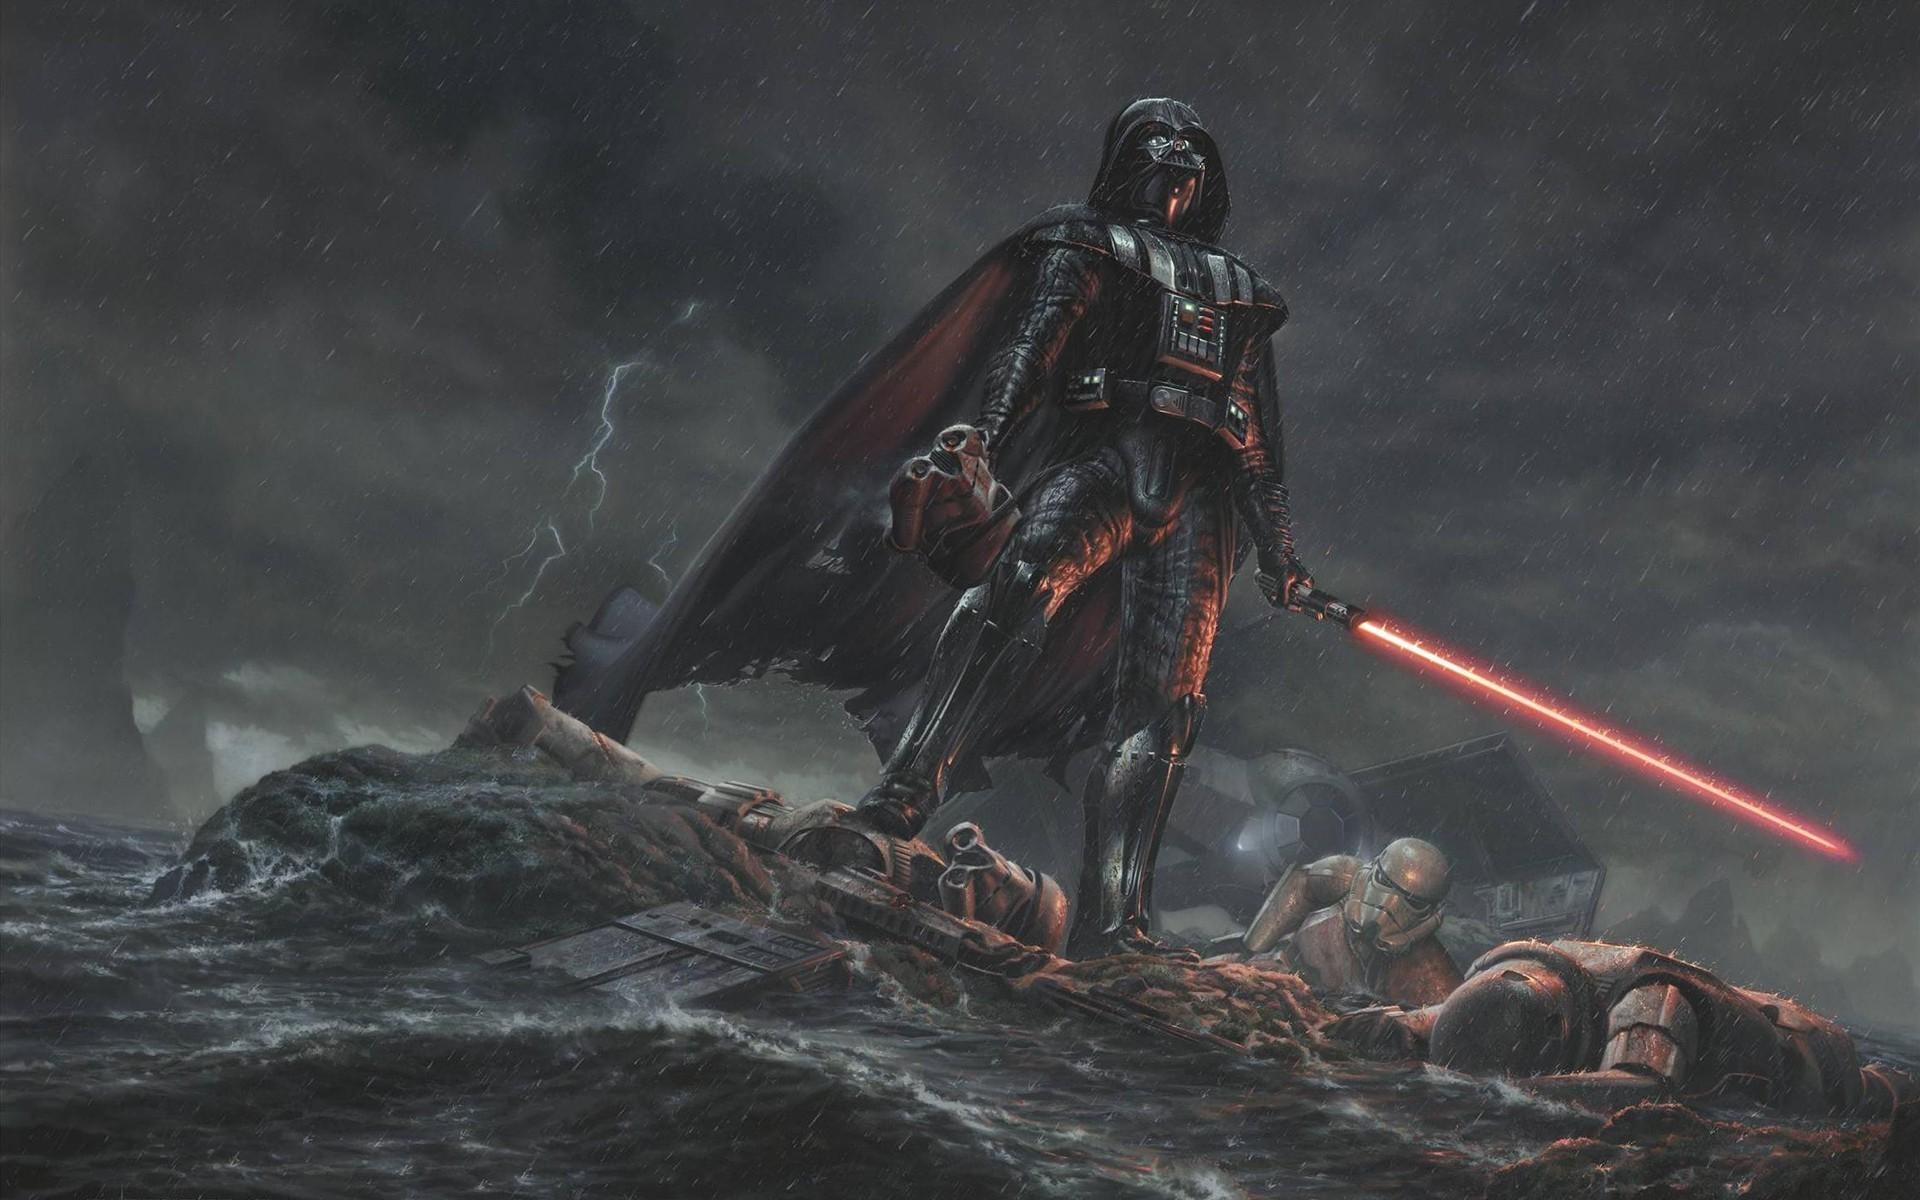 Digital Art Movies Star Wars Drawing Darth Vader Full Hd Wallpapers Star Wars 1920x1200 Wallpaper Teahub Io